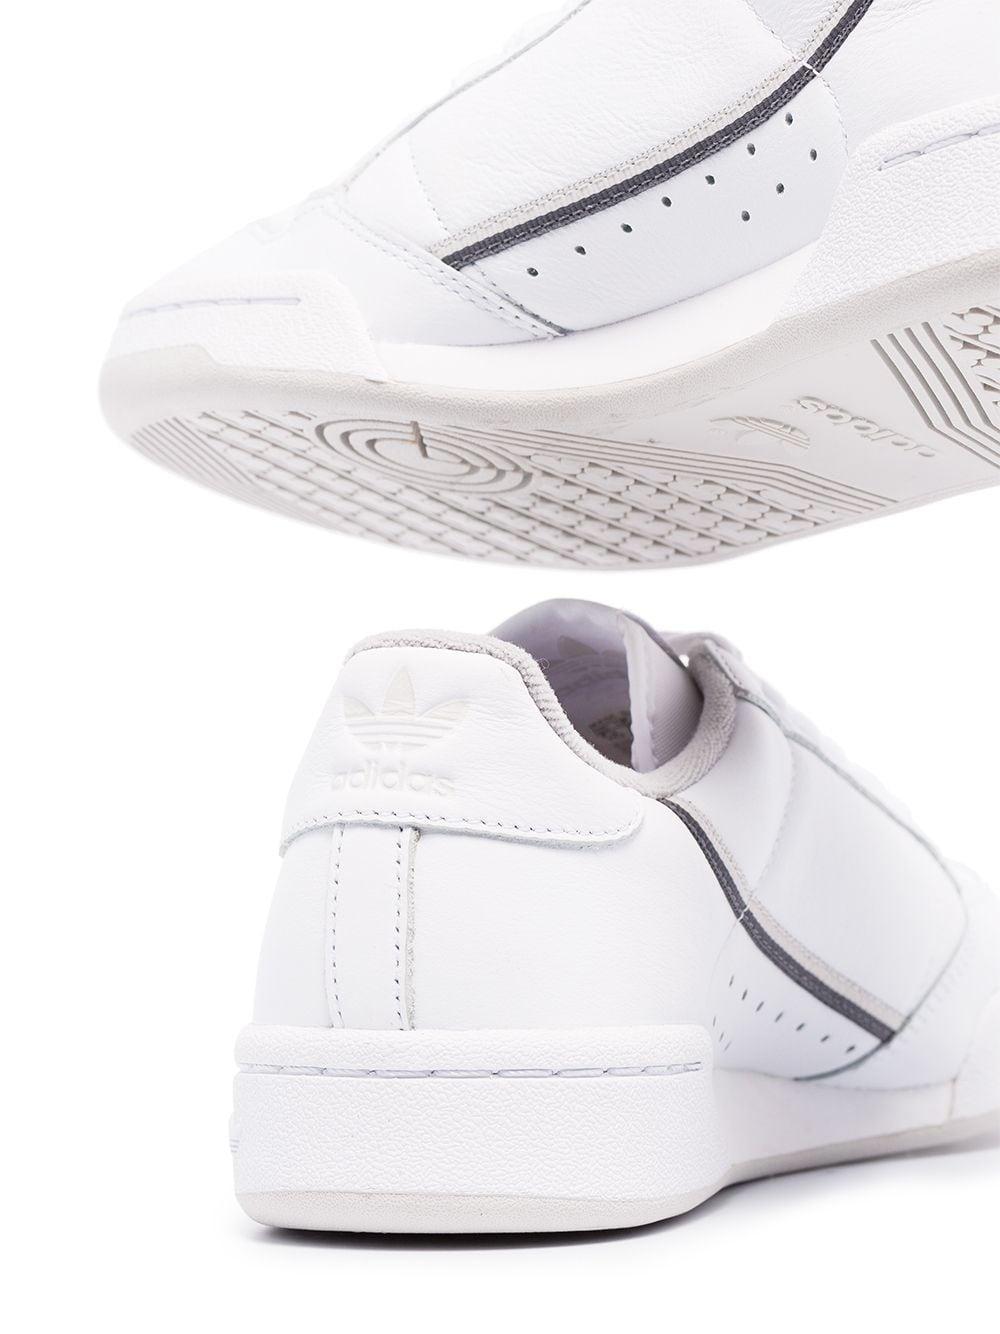 Zapatillas Continental 80 adidas de Tejido sintético de color Blanco